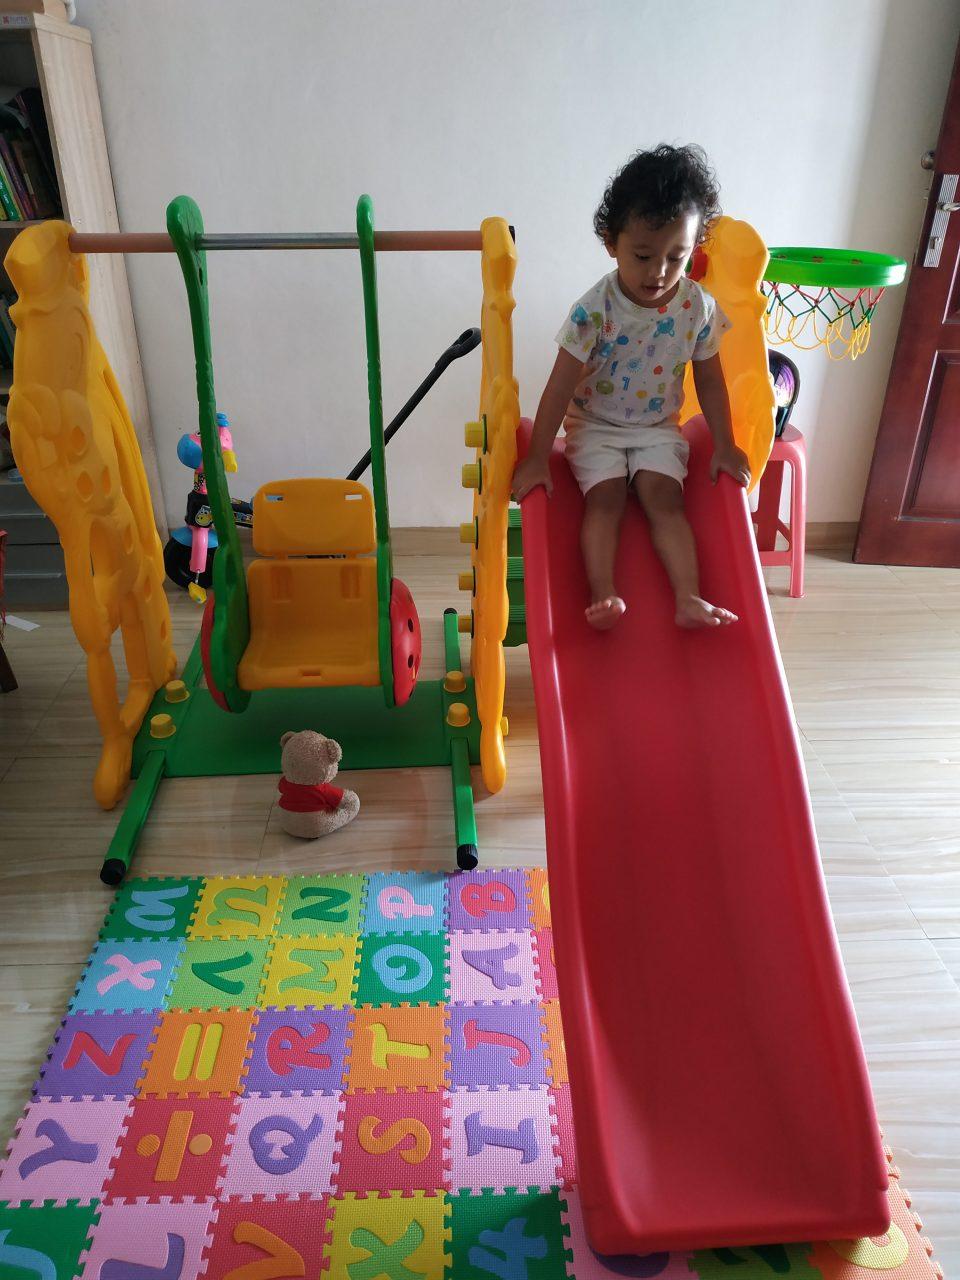 Mainan di rumah pun harus dibersihkan rutin